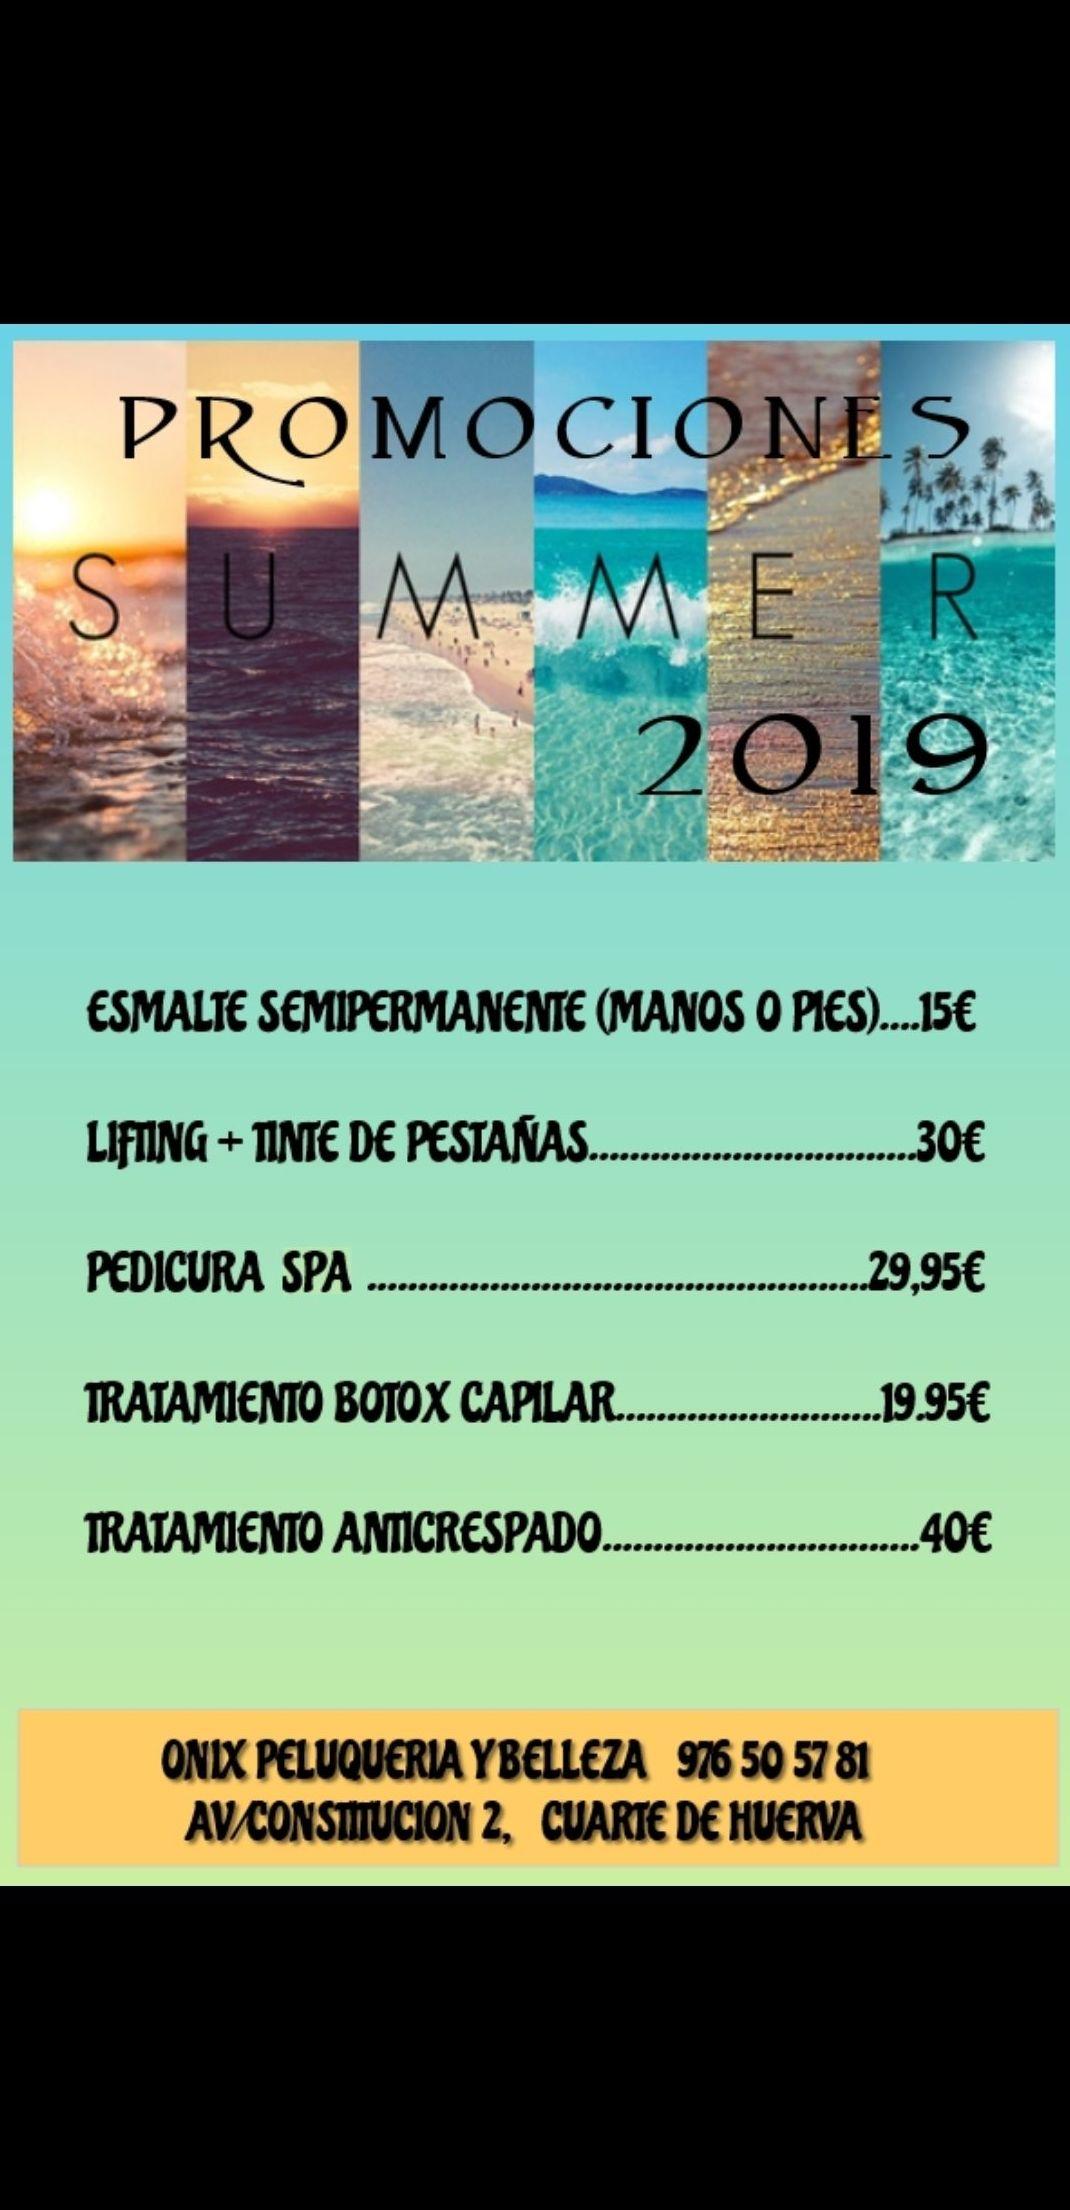 Promociones de verano